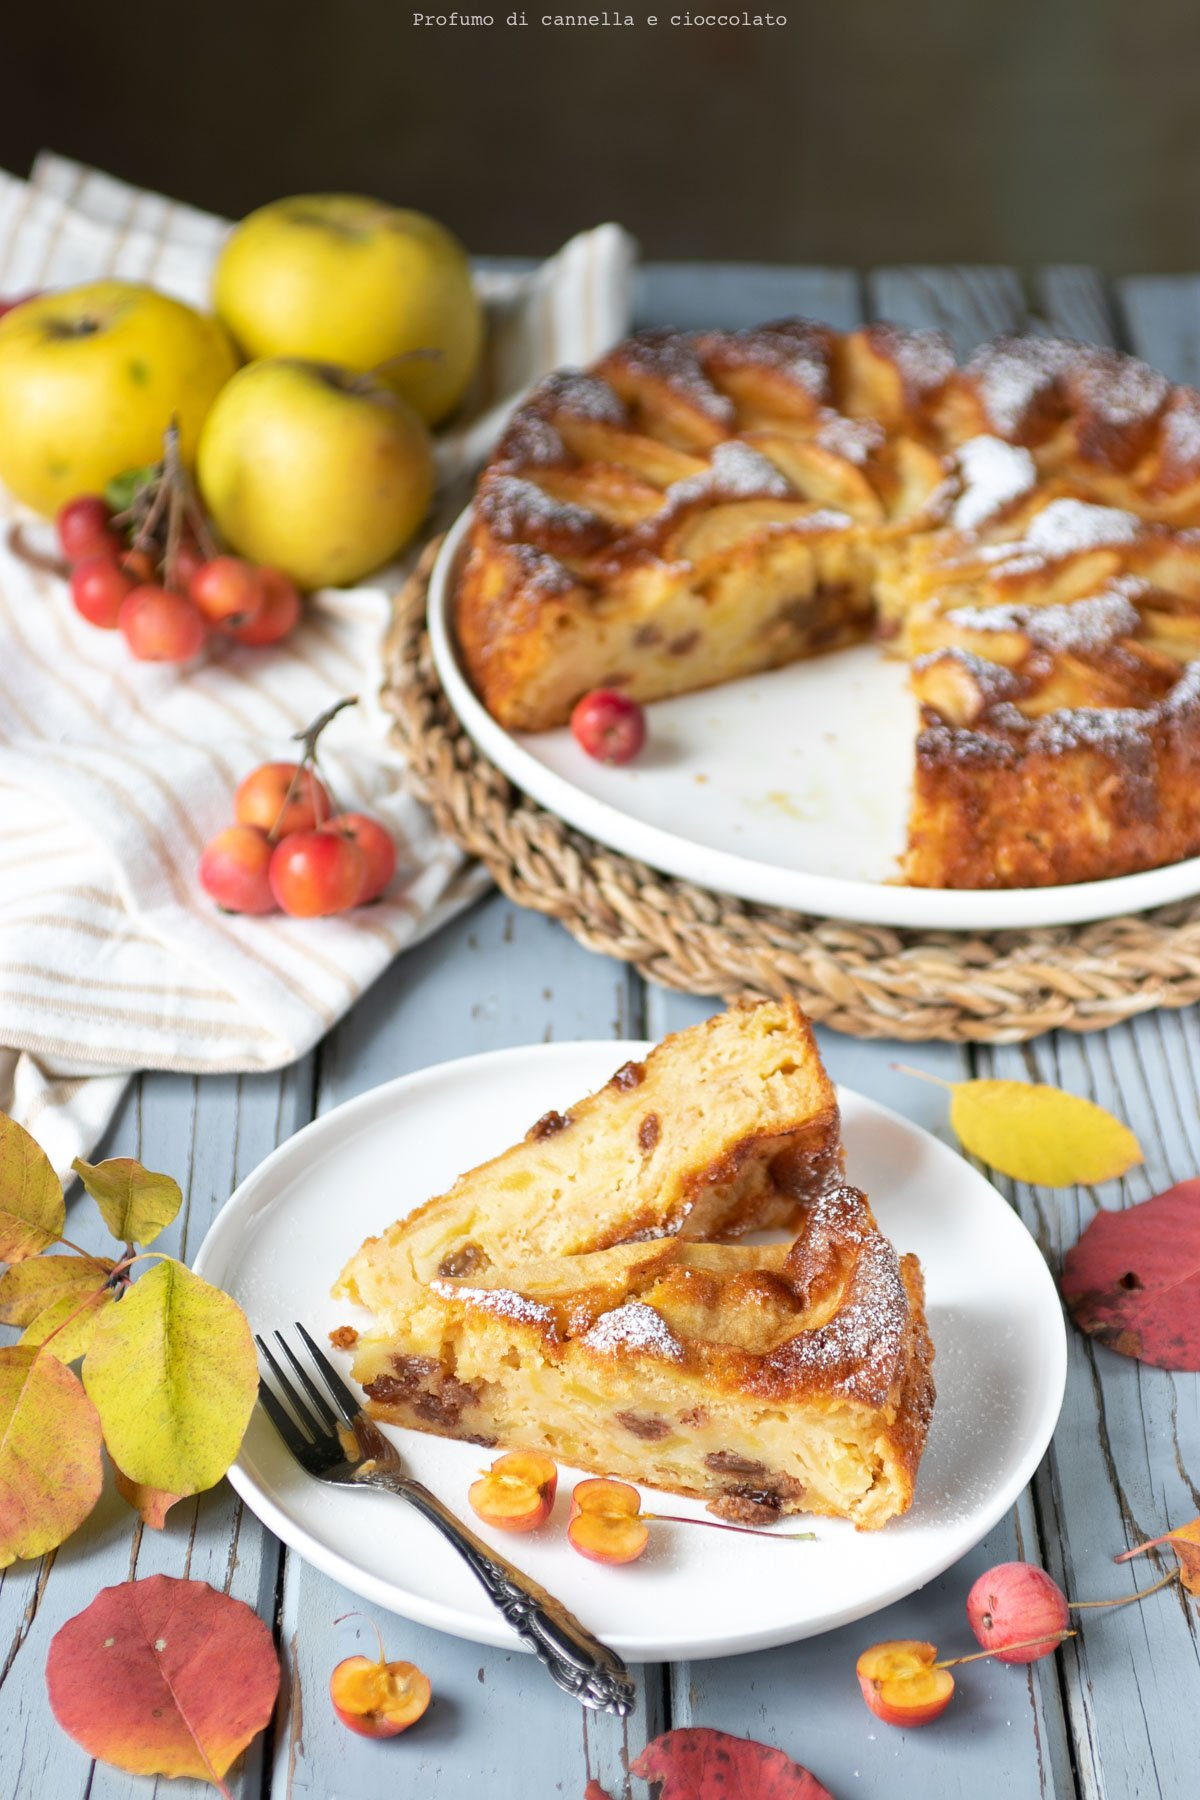 Timballo di mele e uvetta